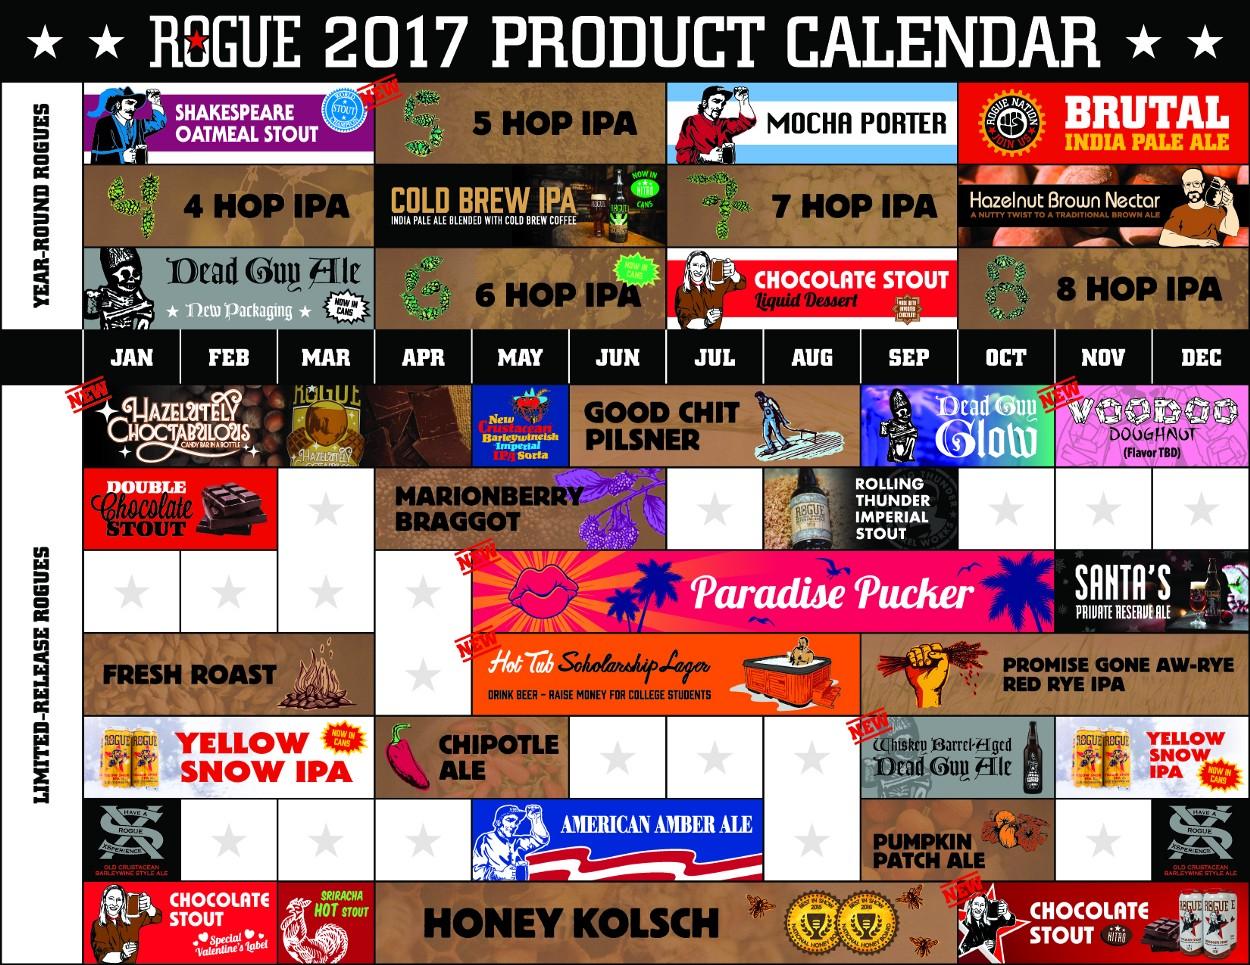 2017 Rogue Ales Product Calendar